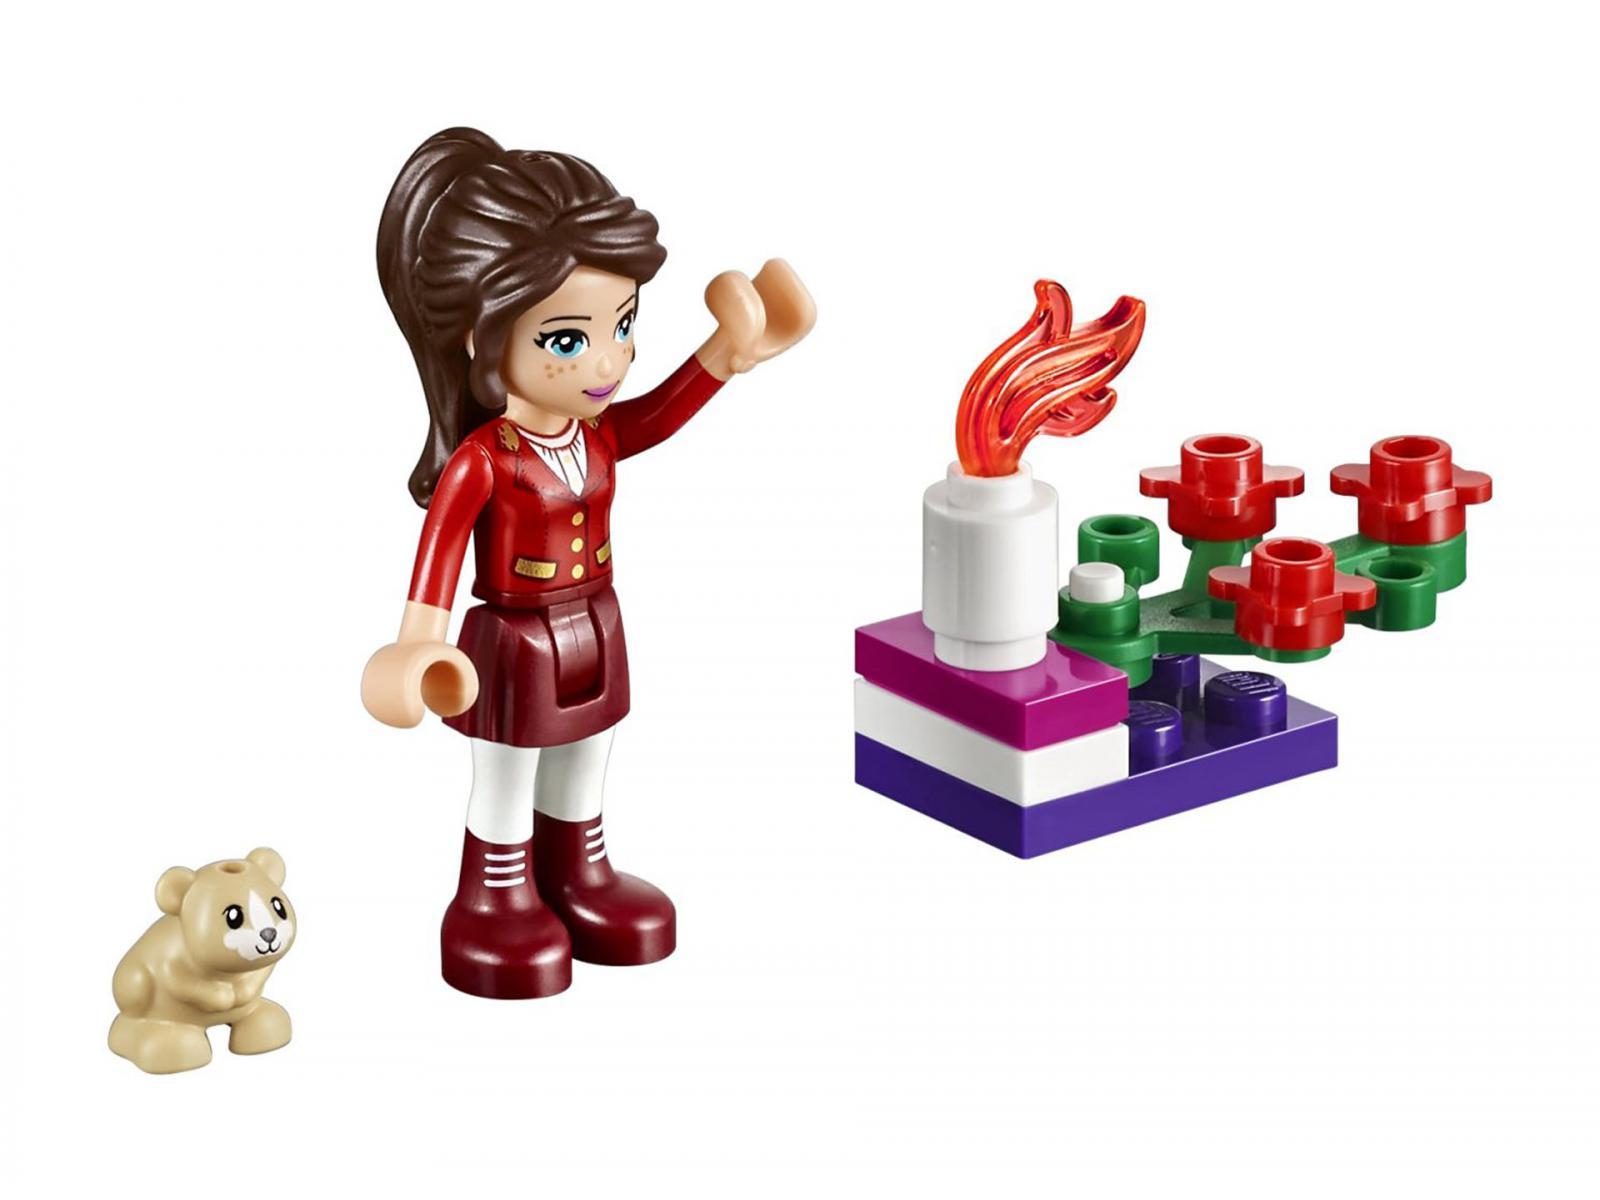 Lego Friends Calendrier De L Avent.41131 Le Calendrier De L Avent Lego Friends